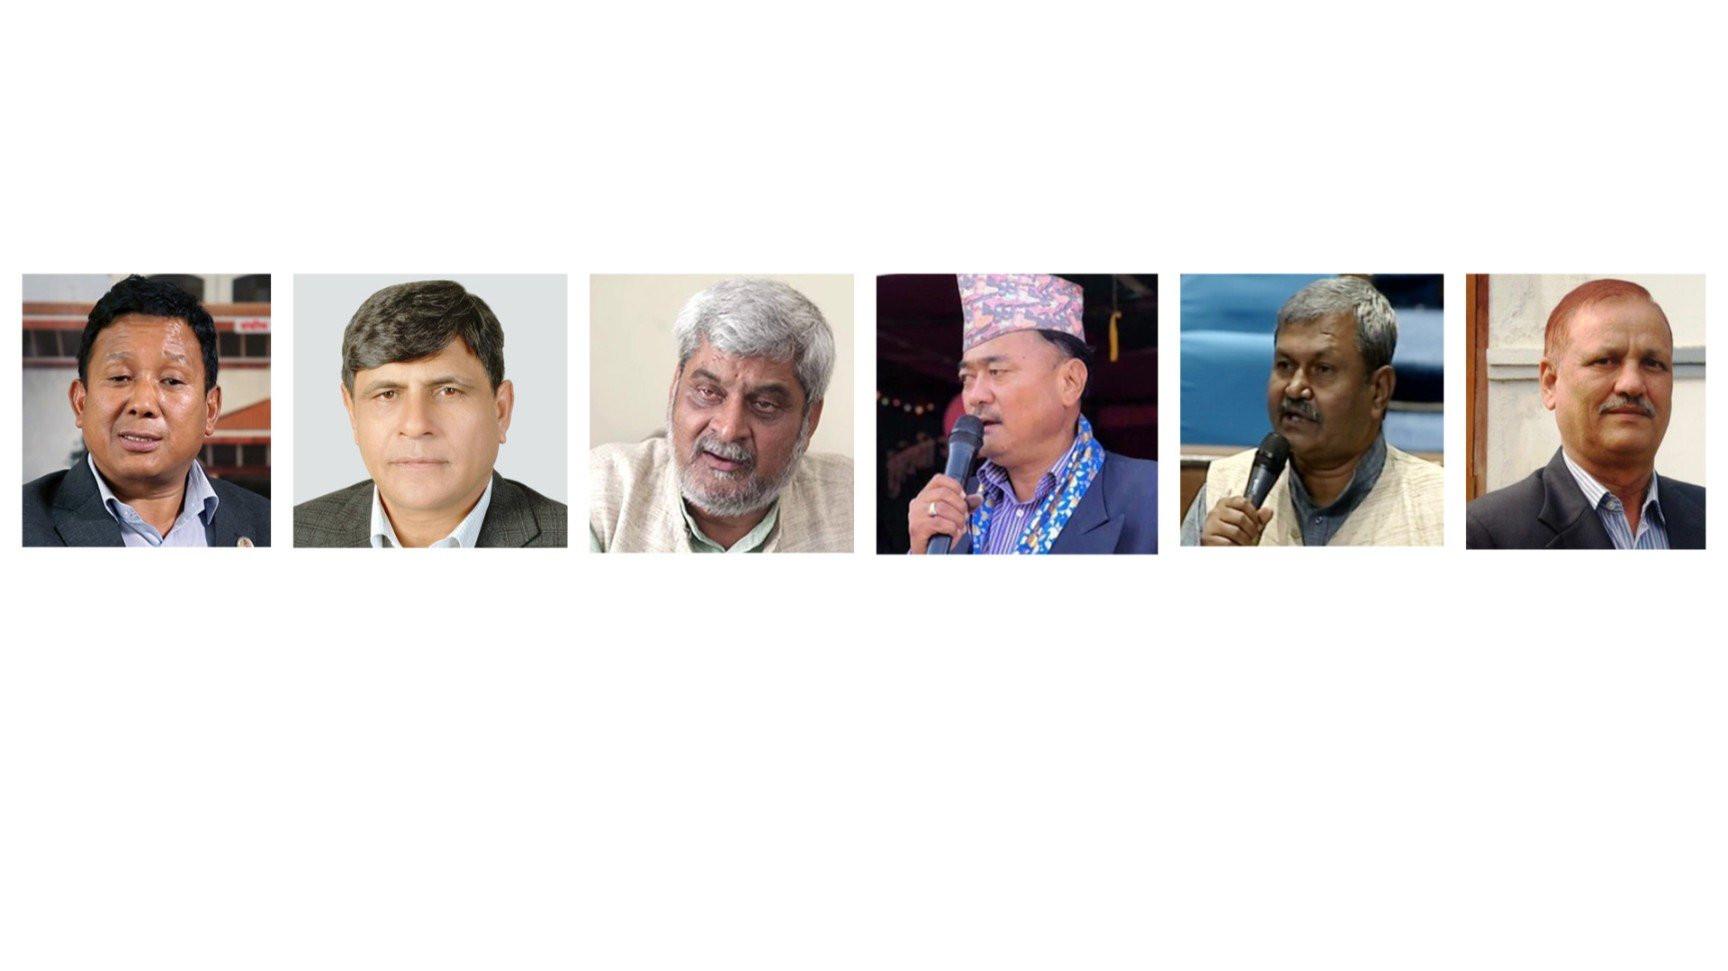 प्रधानमन्त्री ओलीले थपे नौ नयाँ मन्त्री, पुराना नौ हटाए (सूचीसहित)